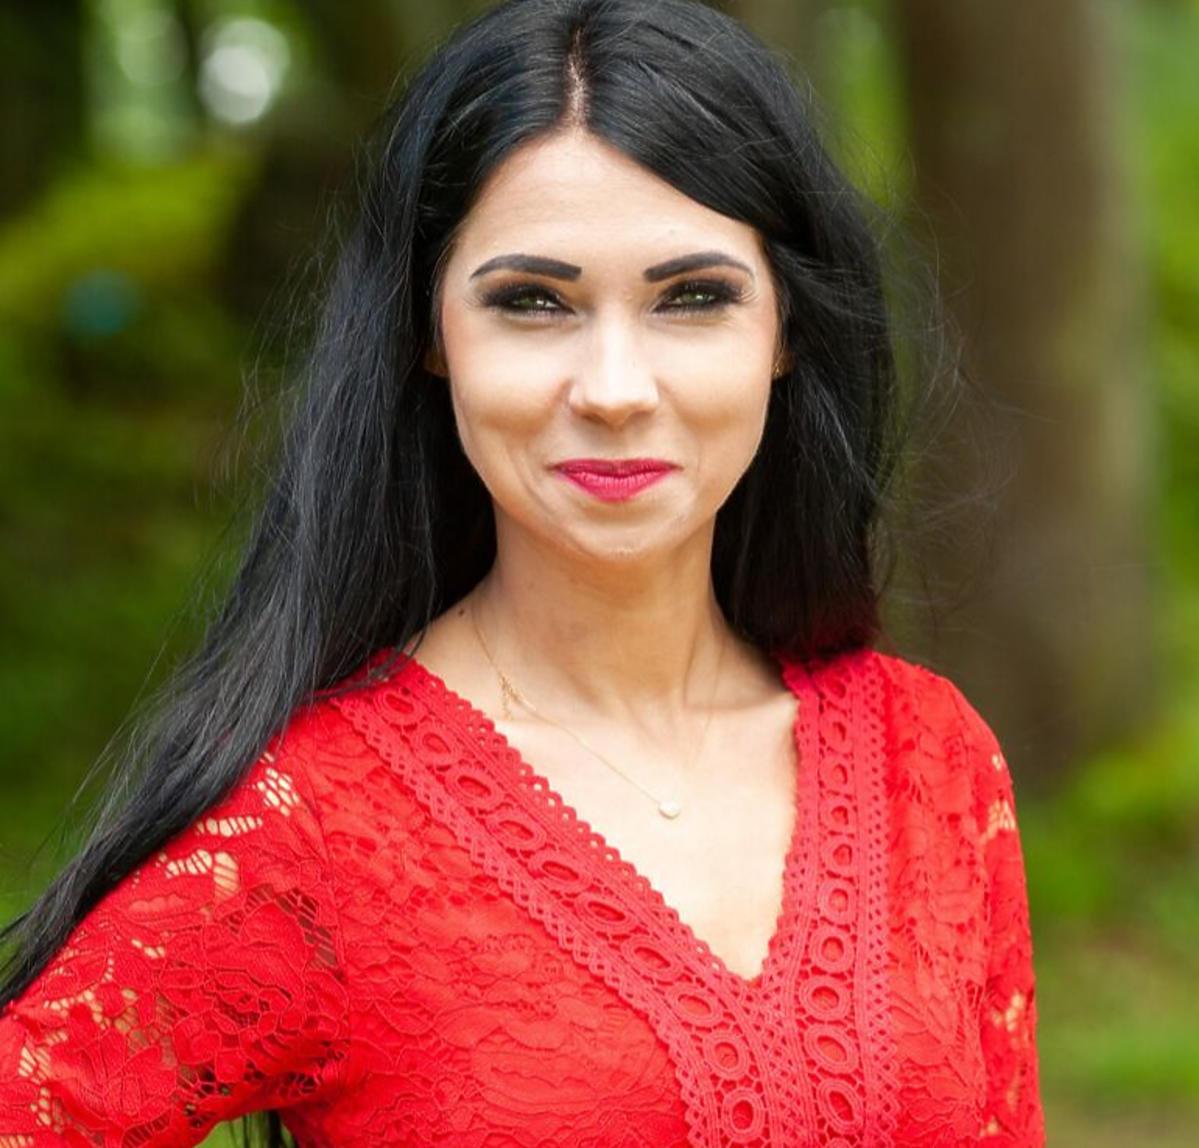 Diana, kandydatka Seweryna z programu